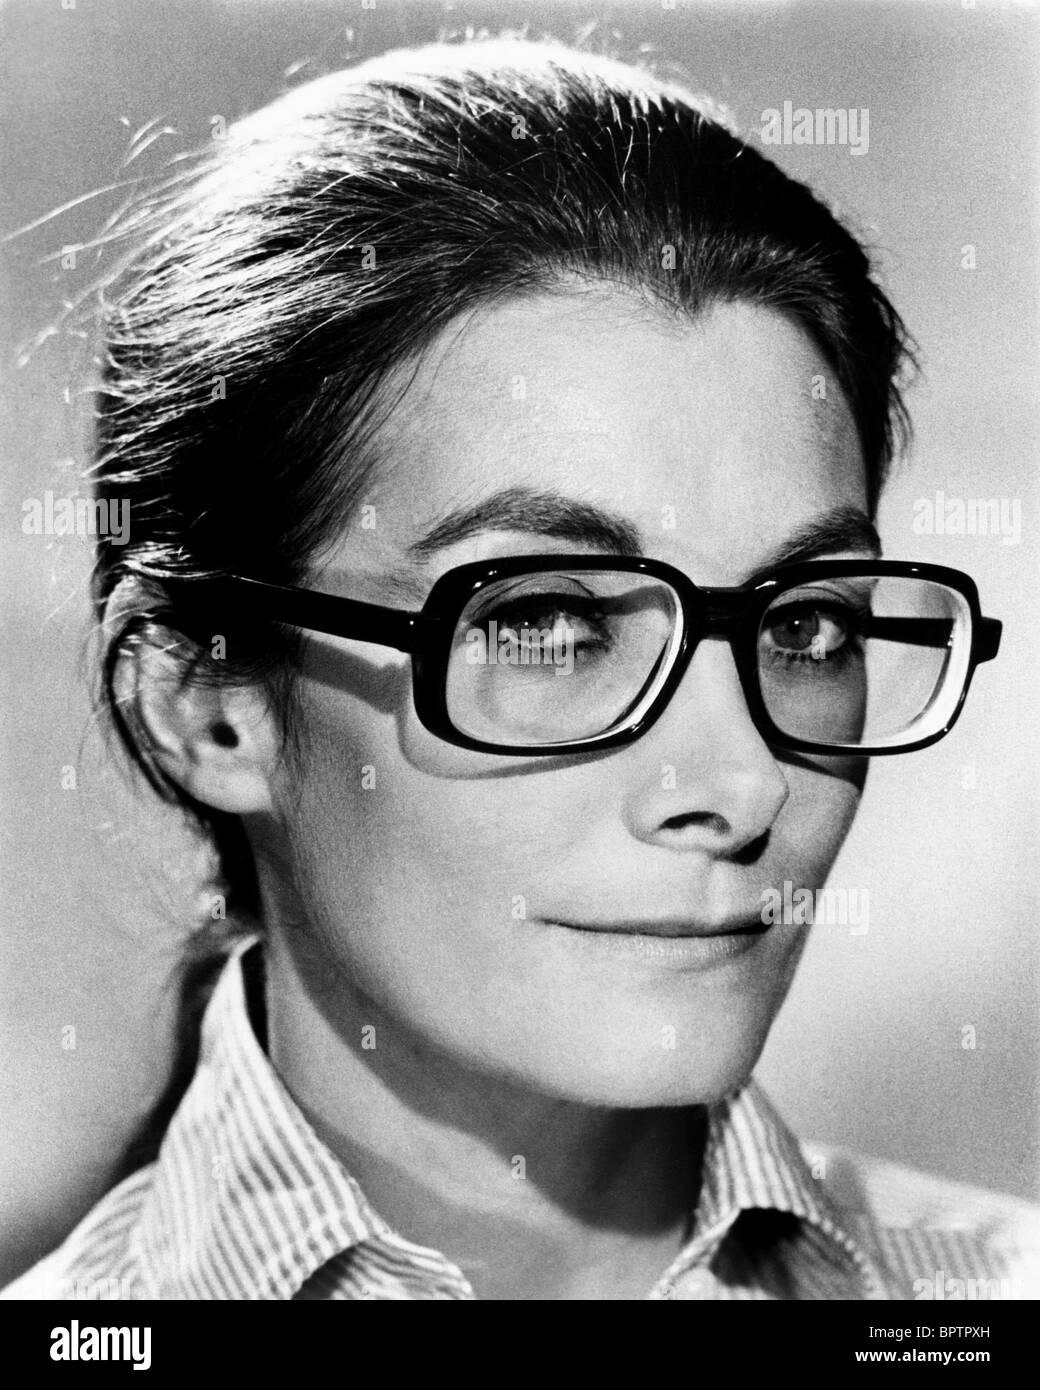 Susannah Harker (born 1965)